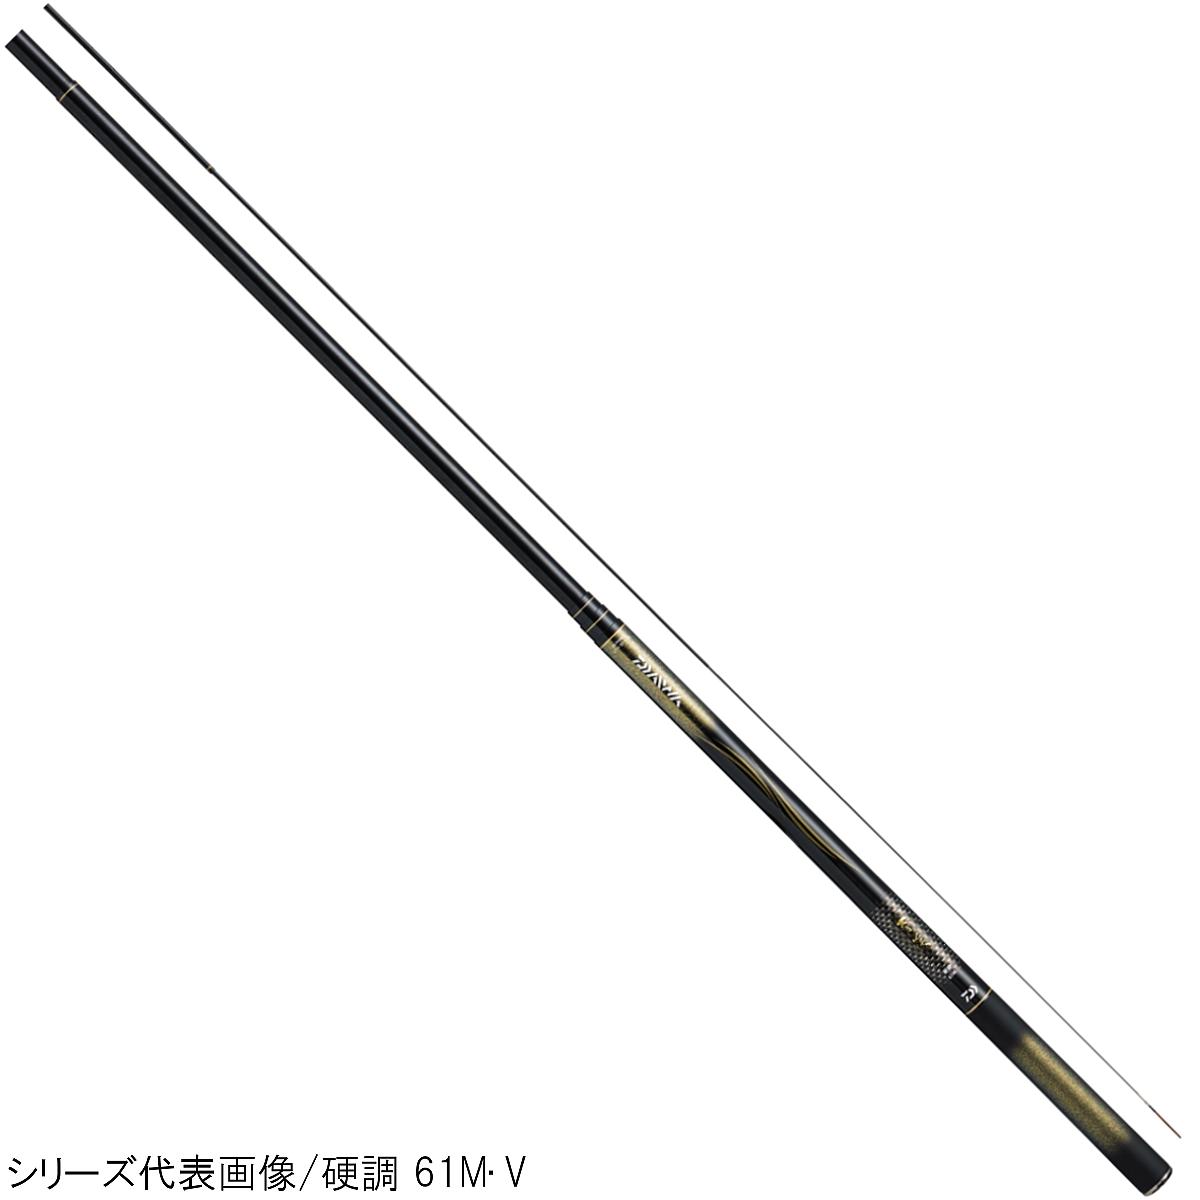 ダイワ 春渓 抜硬調 61M・V(東日本店)